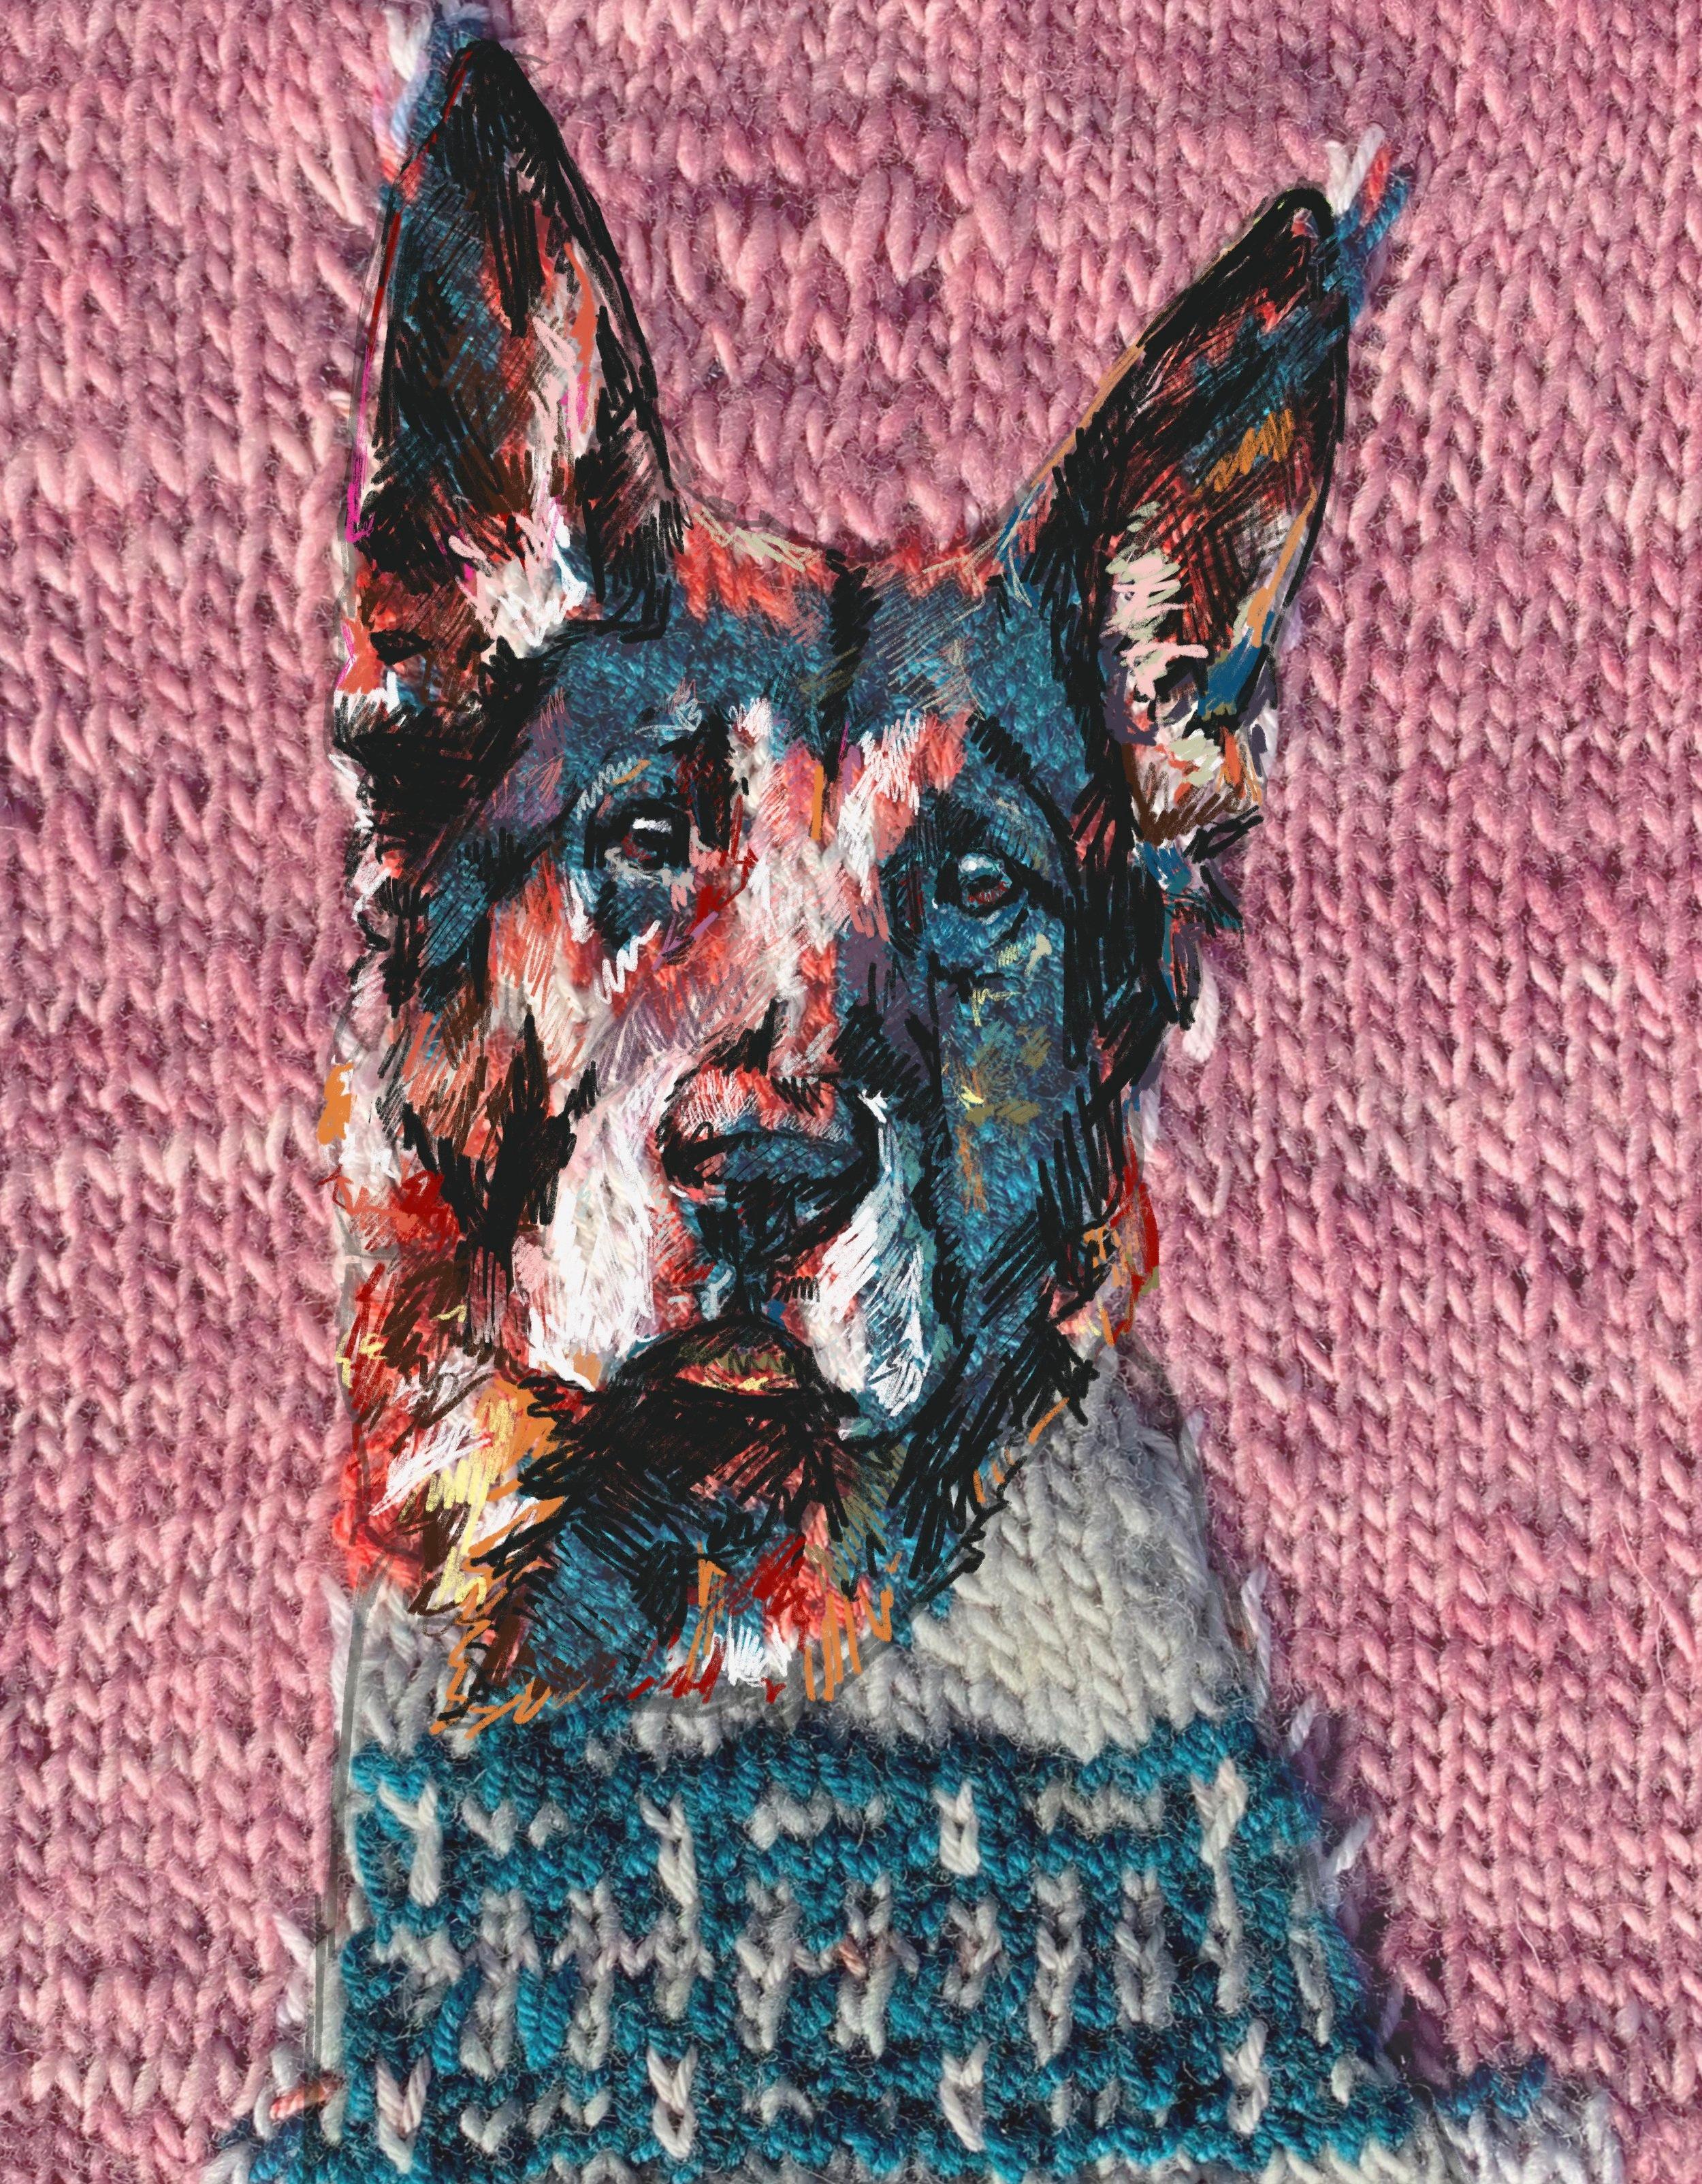 german+shepherd+knit+painting.jpg